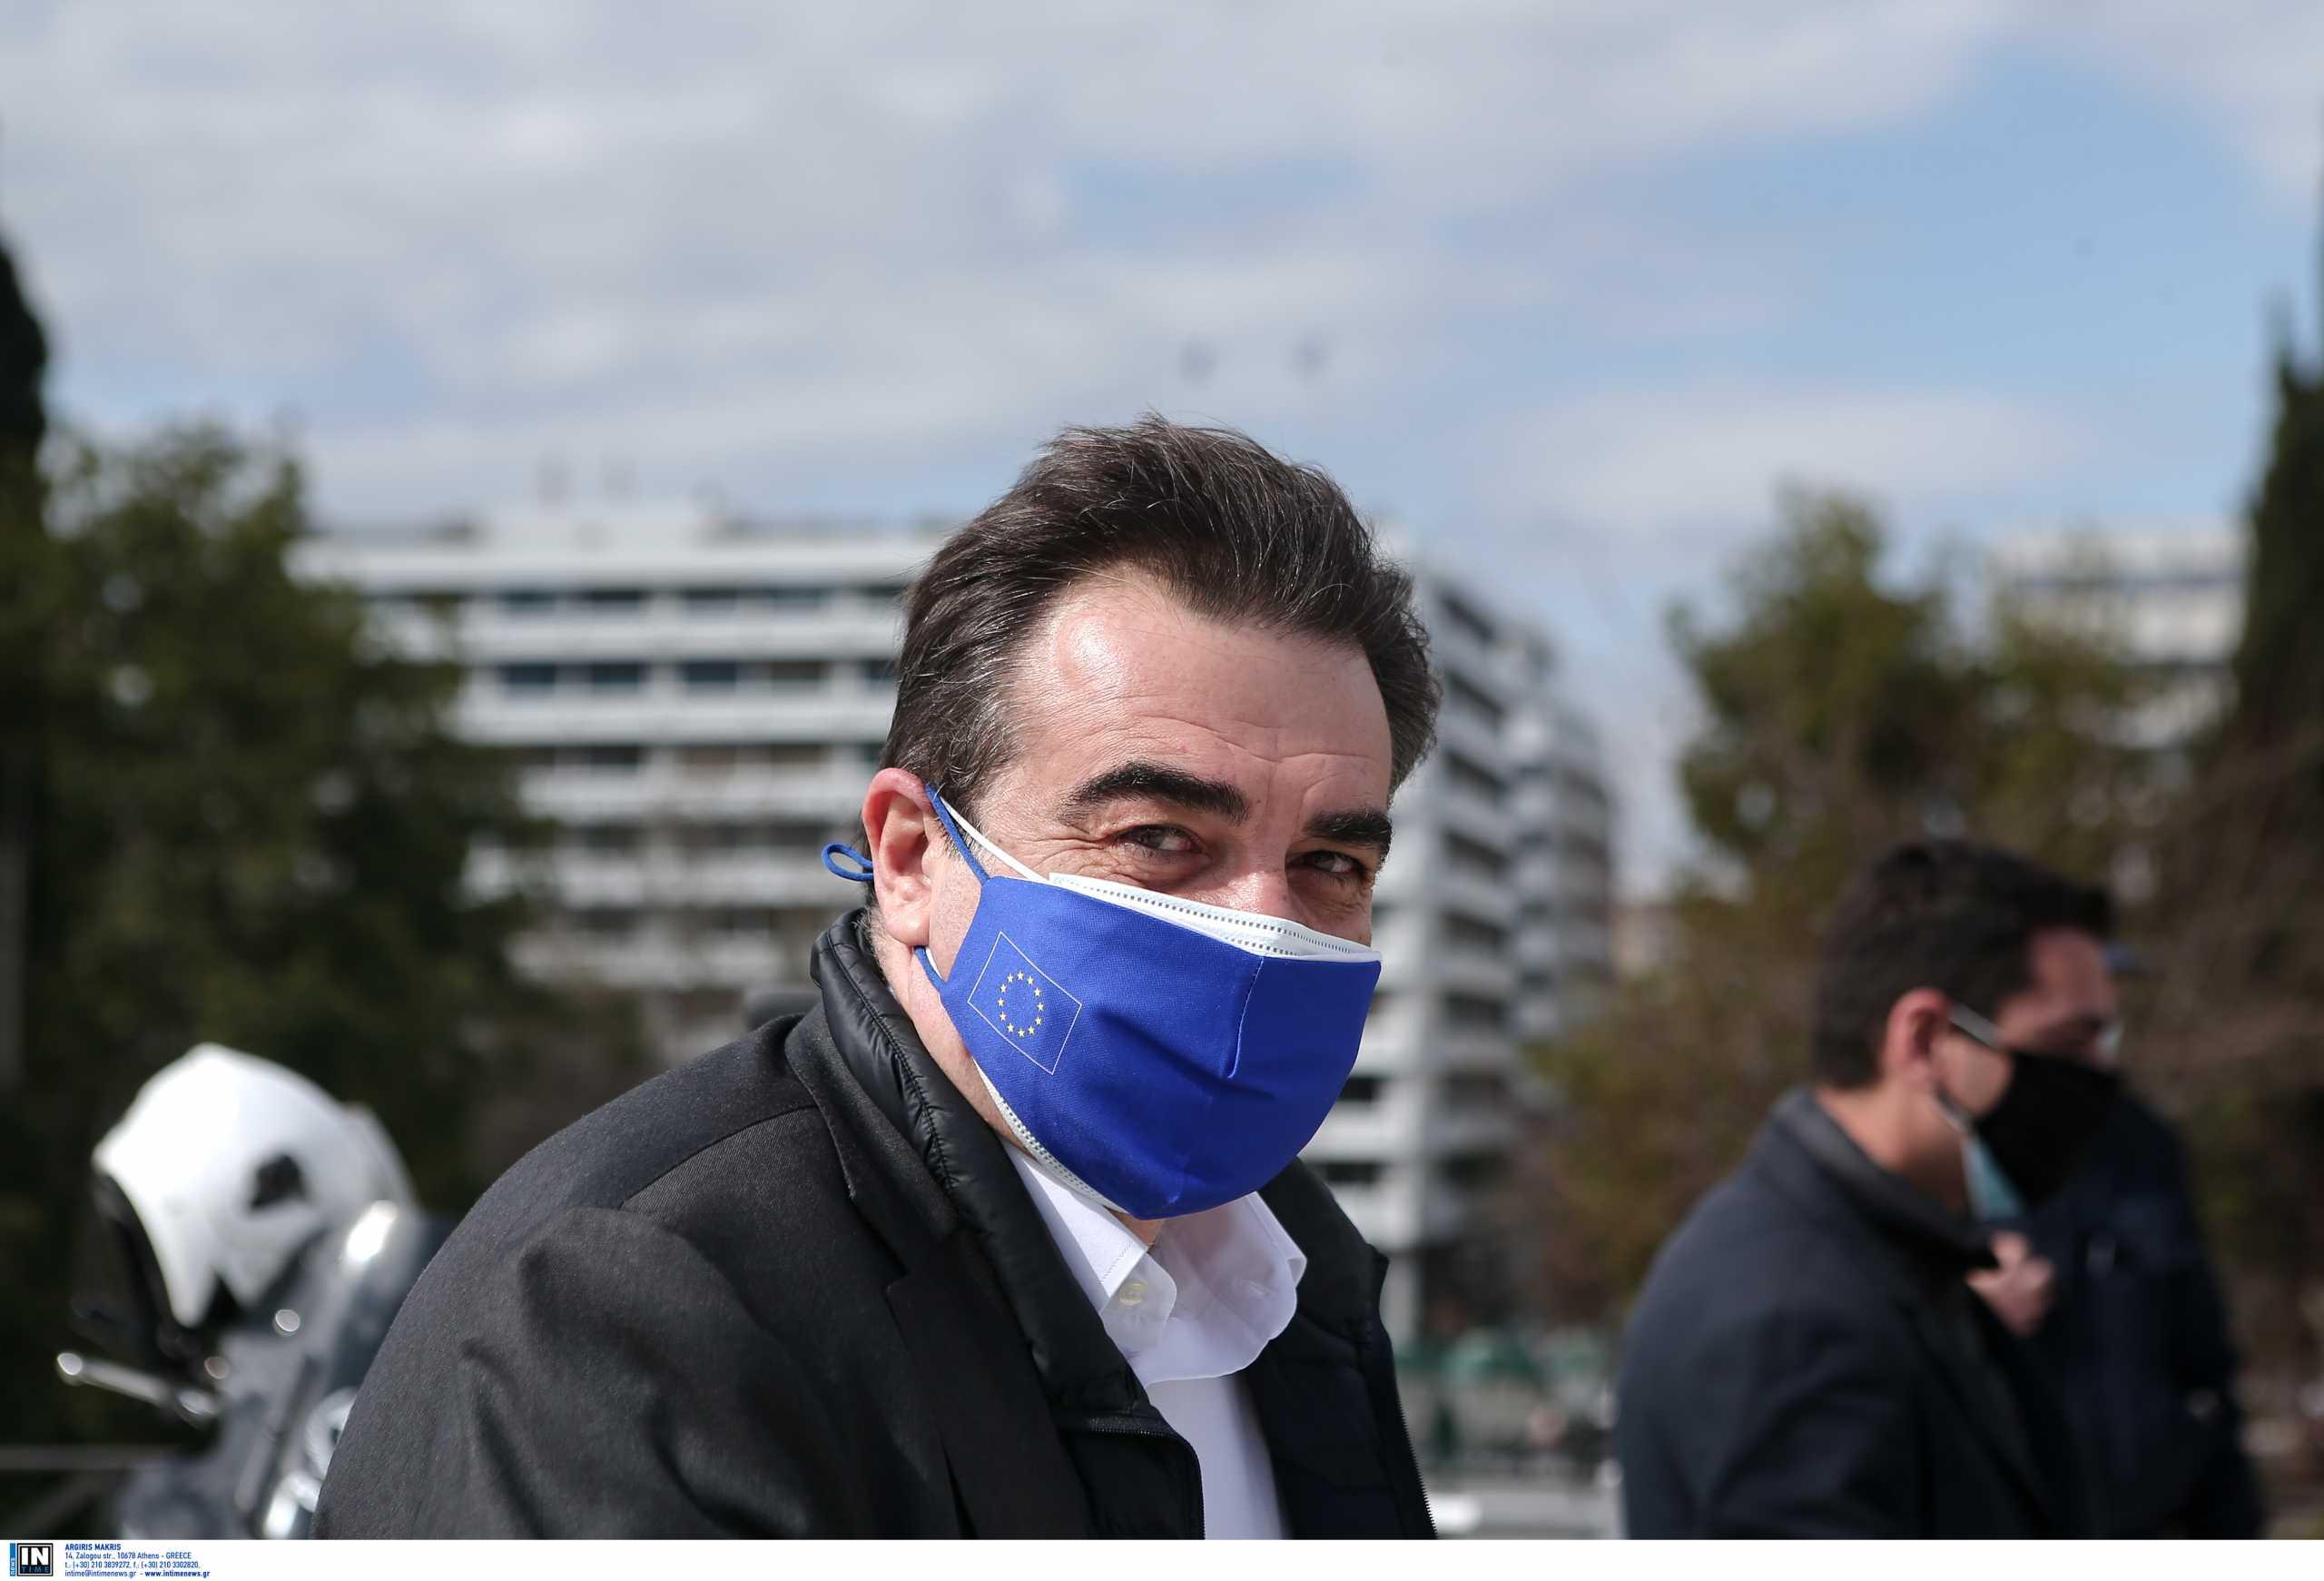 Μαργαρίτης Σχοινάς: Μέχρι το τέλος του καλοκαιριού θα έχει εμβολιαστεί το 70% των Ευρωπαίων